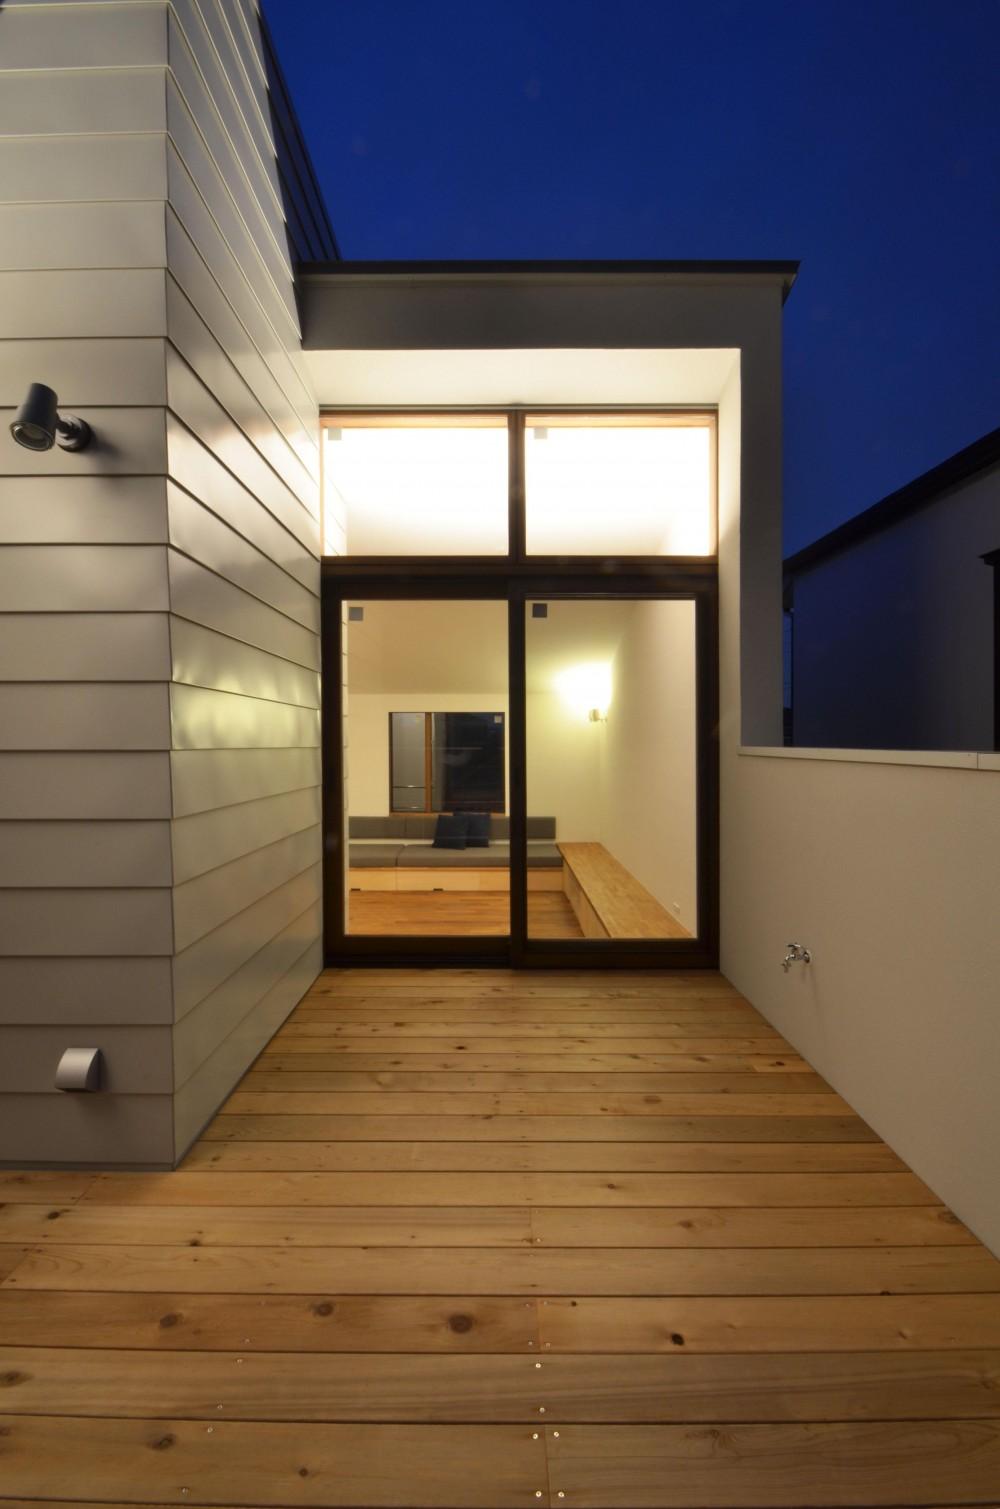 柿の木台M邸-天窓付き階段を中央に配する2階リビングの家- (デッキ夜景)